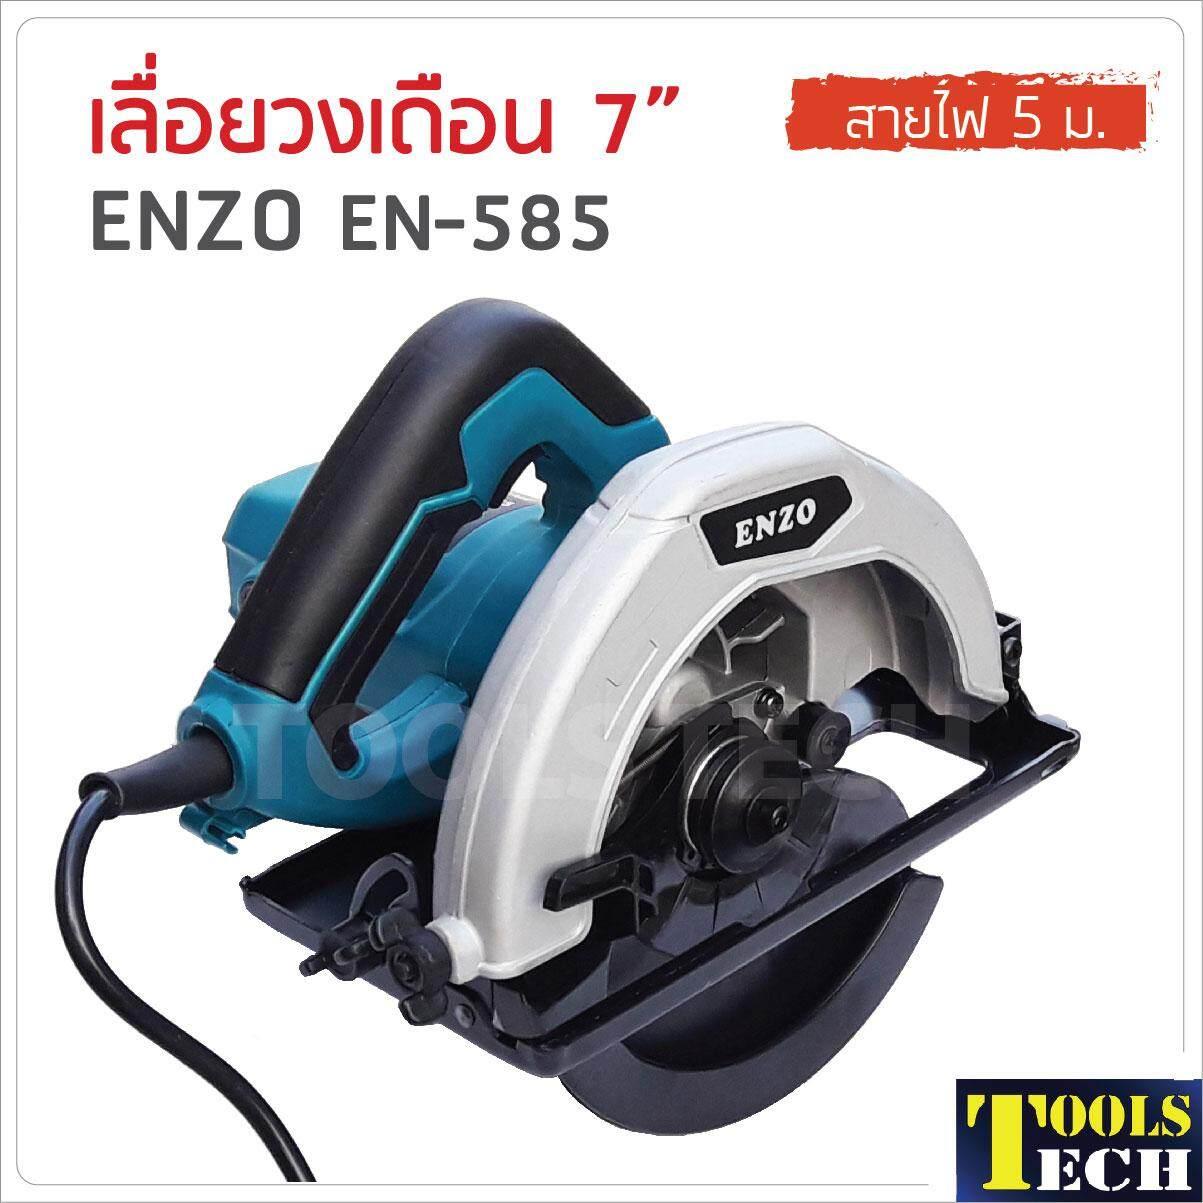 เลื่อยวงเดือน 7 นิ้ว Enzo En-585 สายไฟ 5 ม. By Tools Tech.